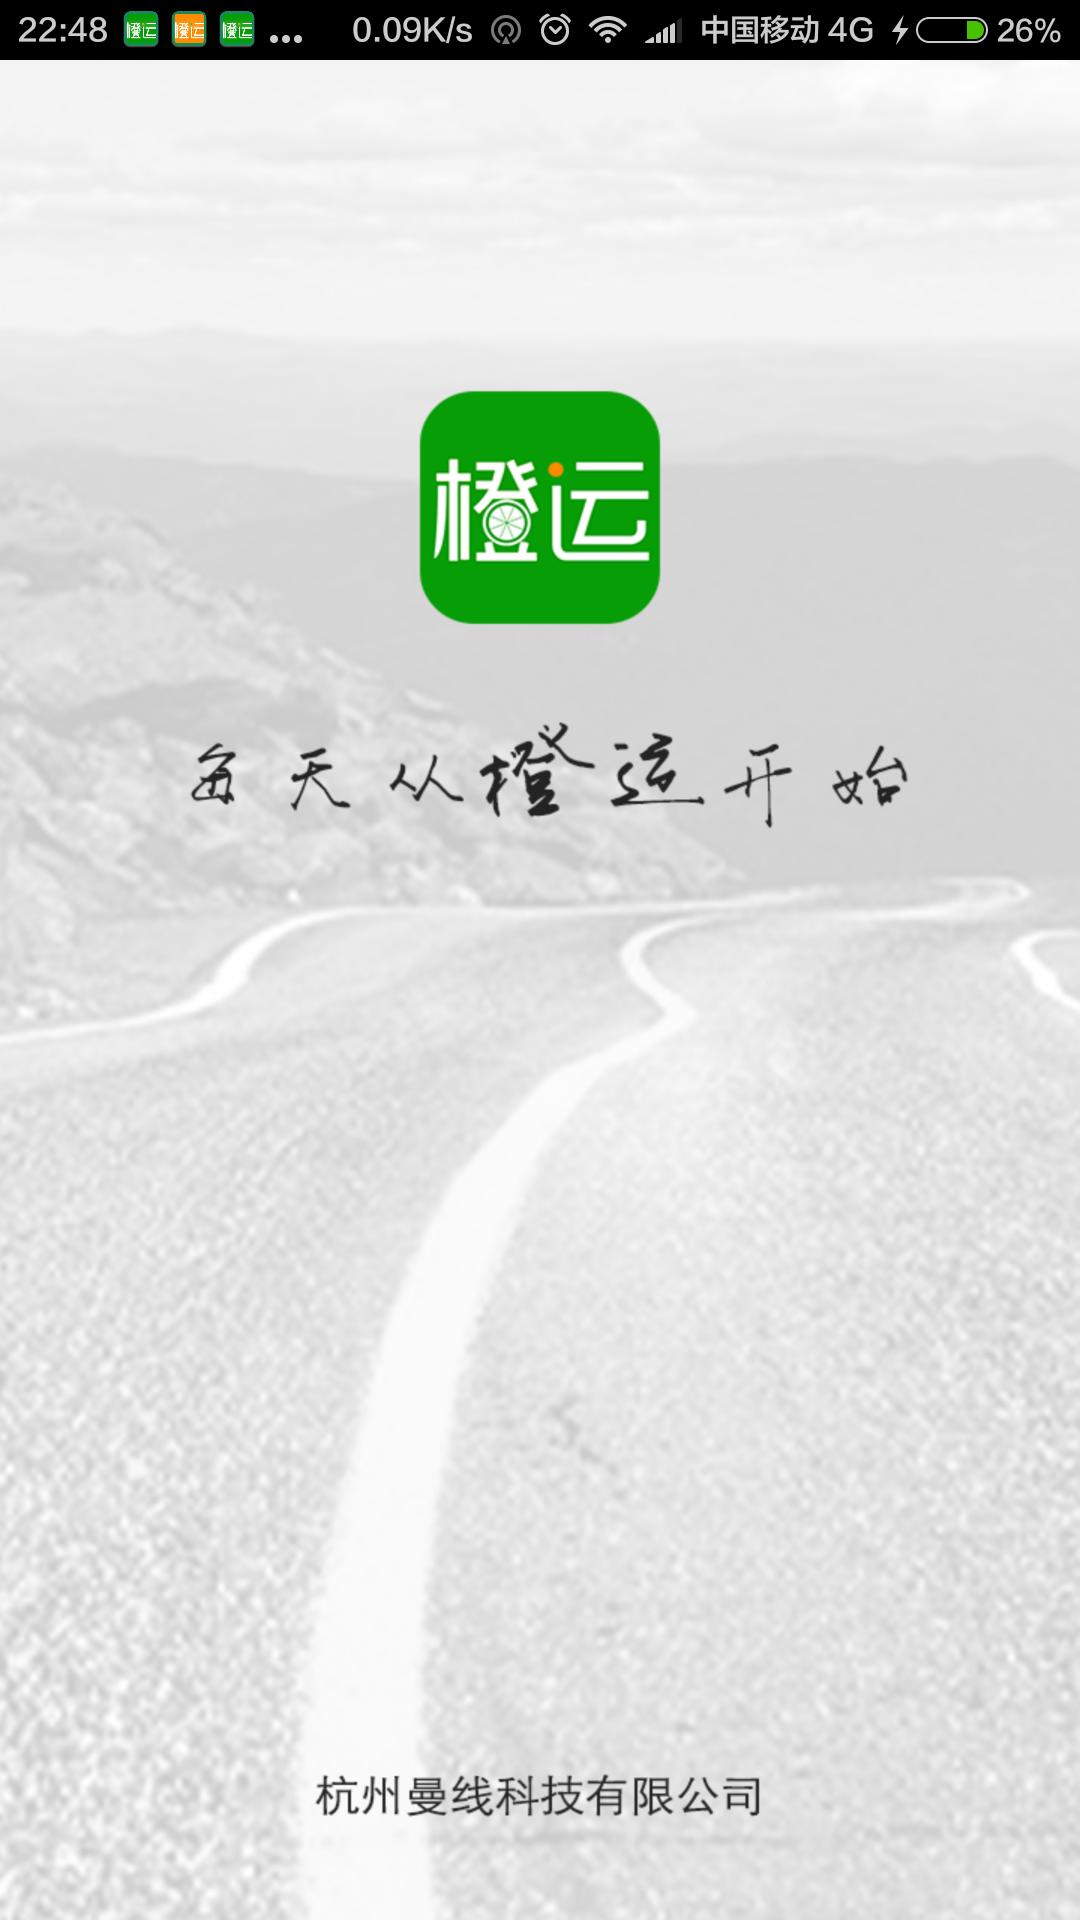 橙运司机版 v2.0.2 安卓版界面图2